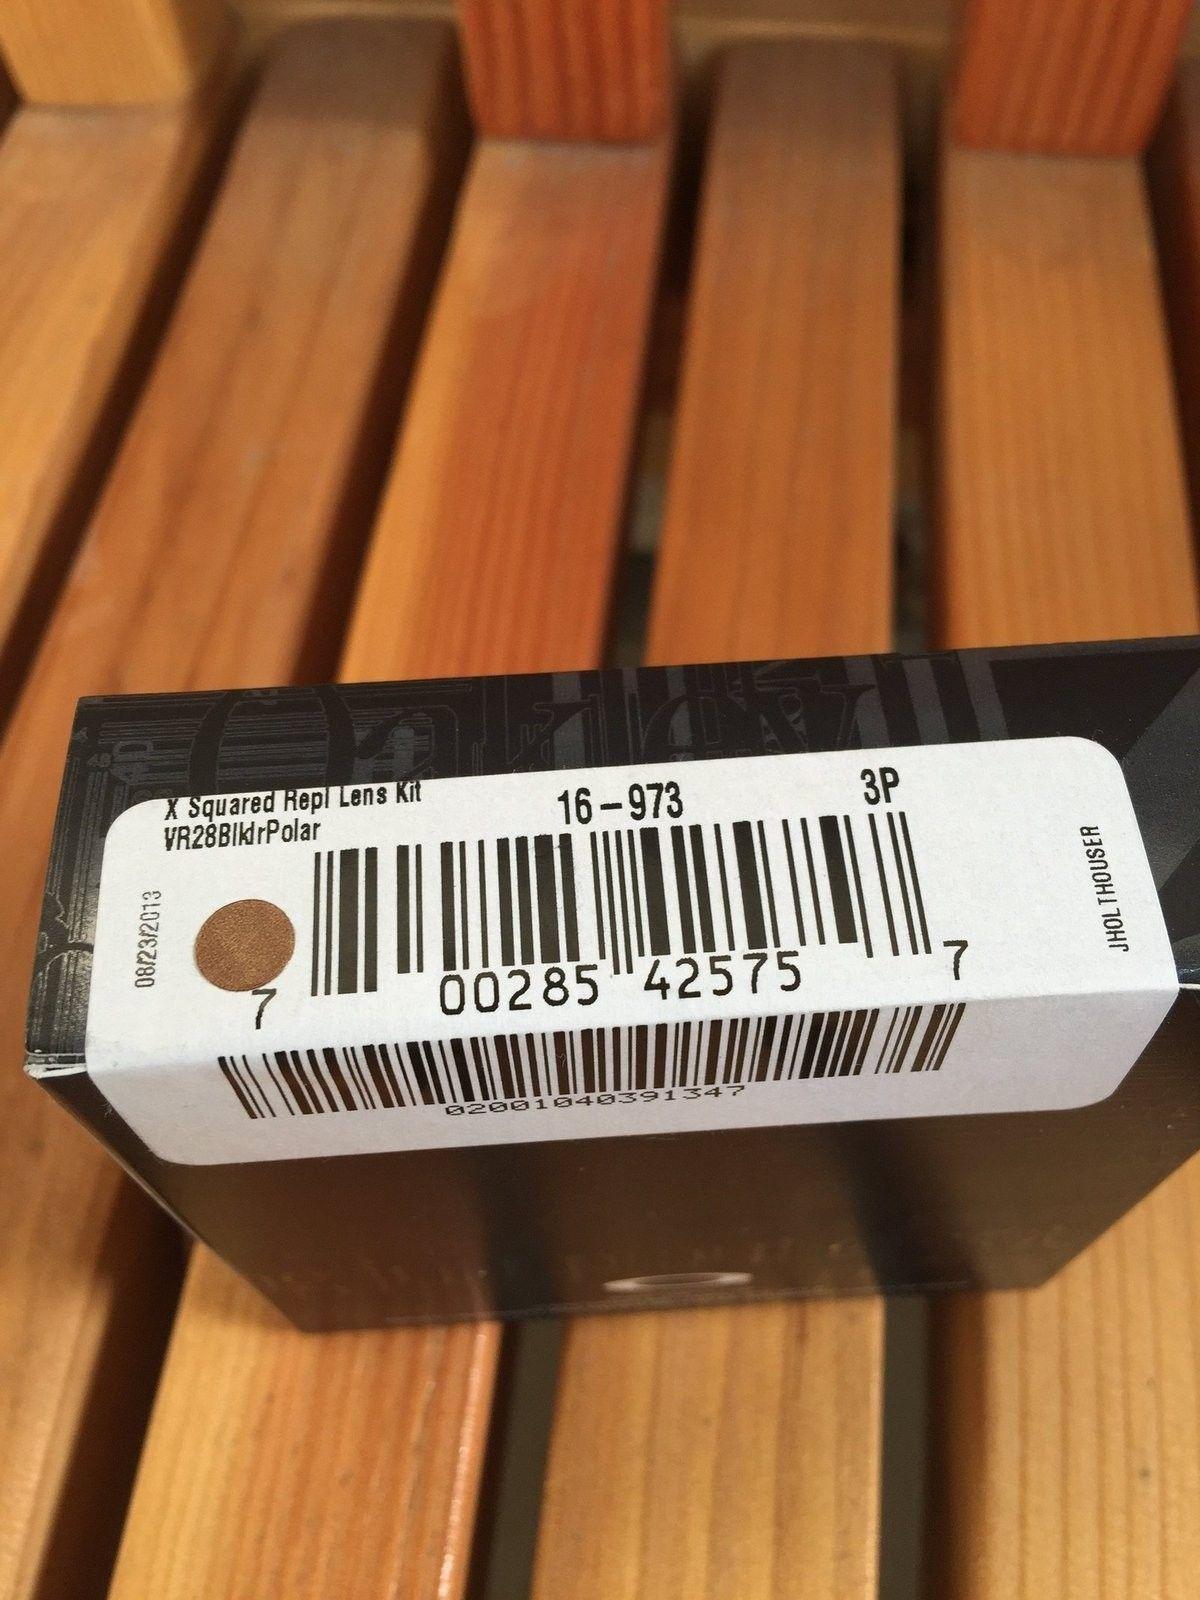 Xsquared lenses - image.jpg